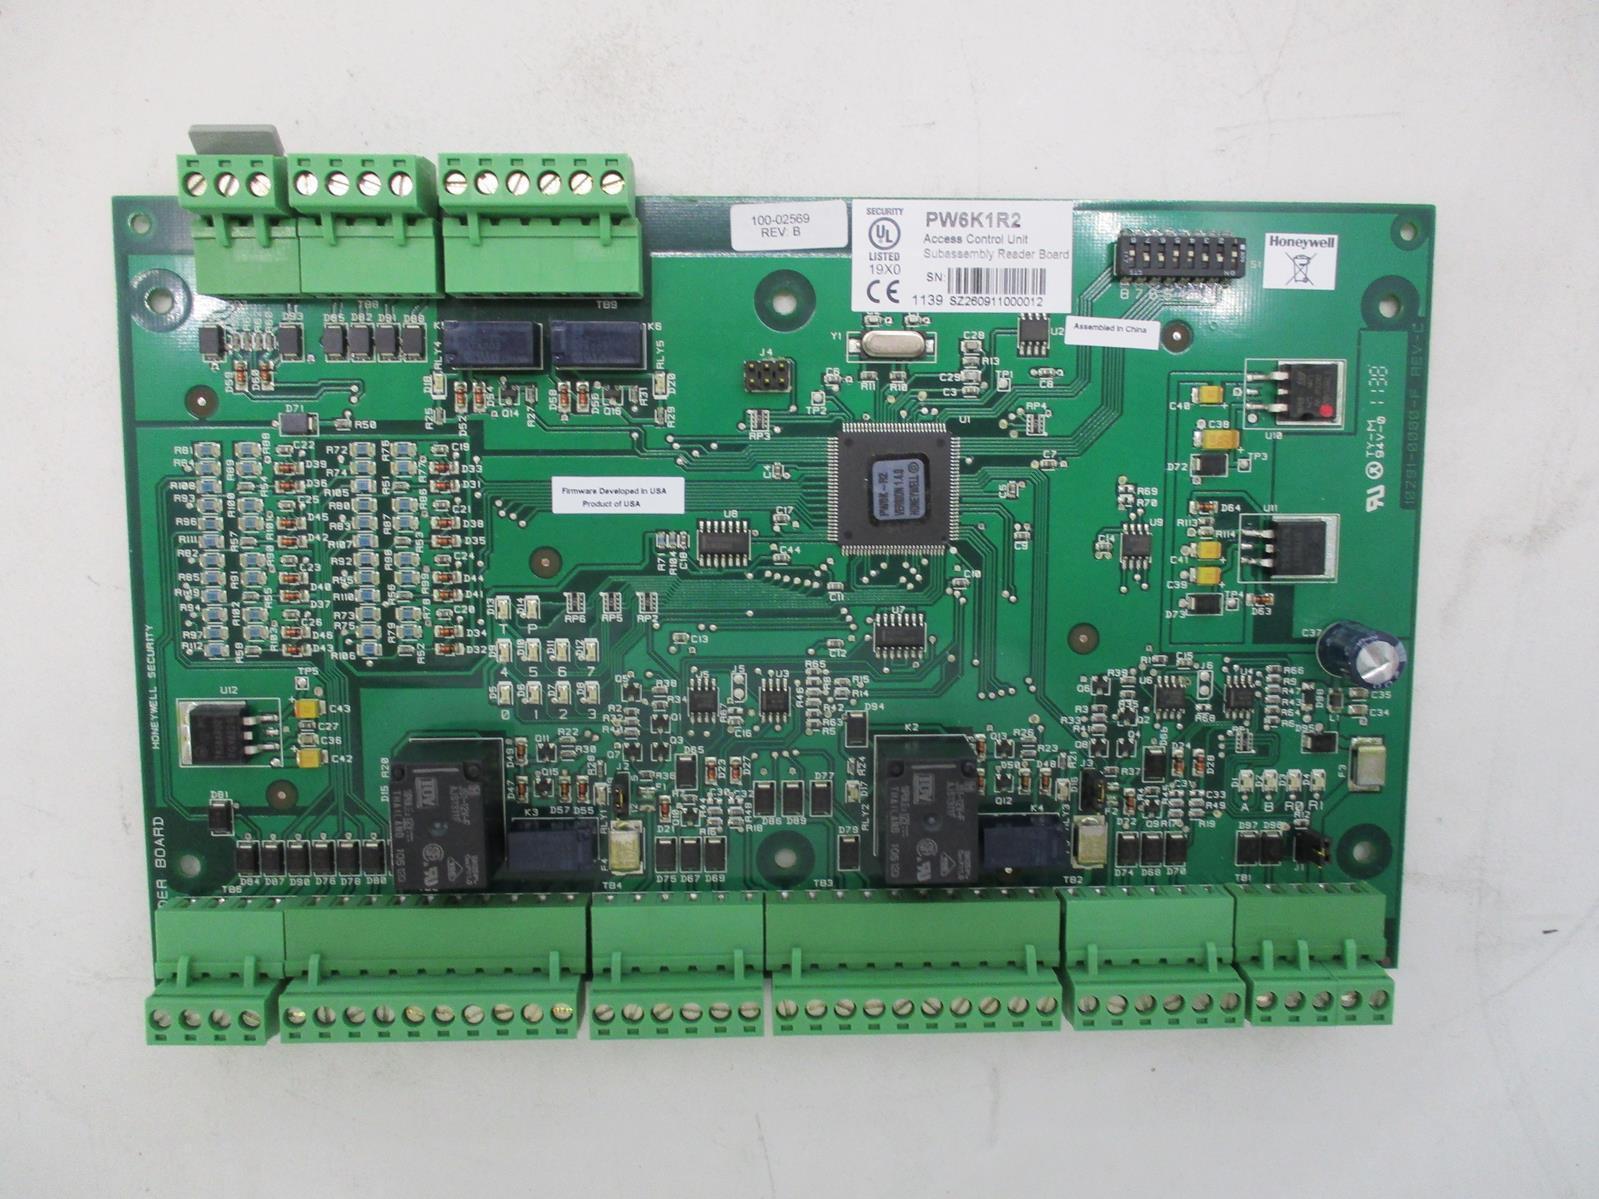 Bộ module điều khiển cửa PW6K1R2 - Hệ thống kiểm soát vào ra Honeywell dòng Pro-Watch